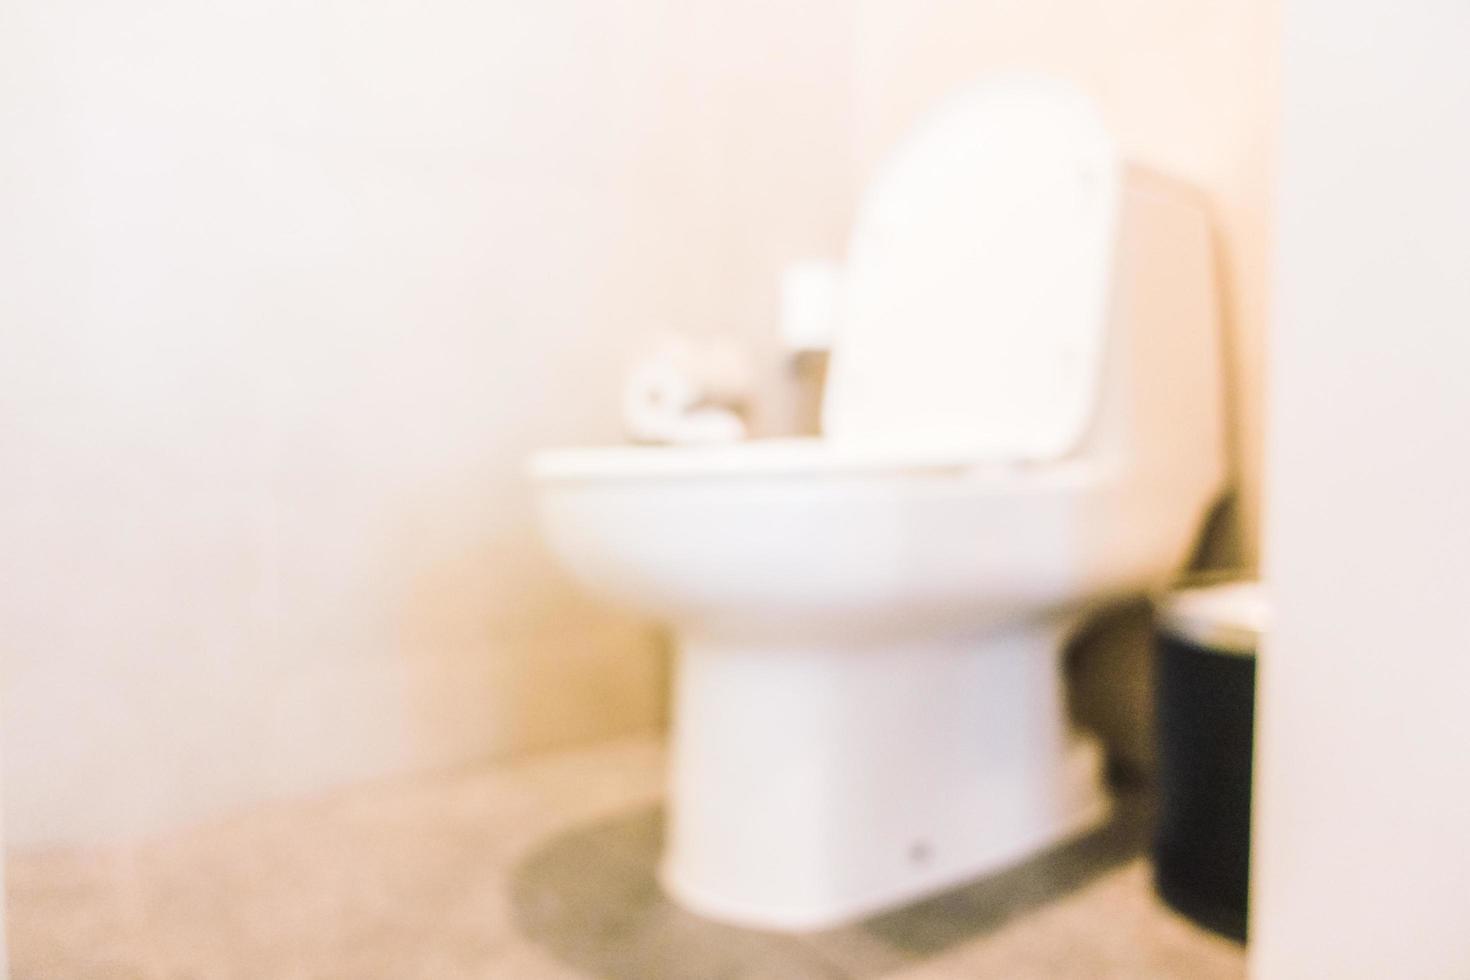 banheiro borrado abstrato foto